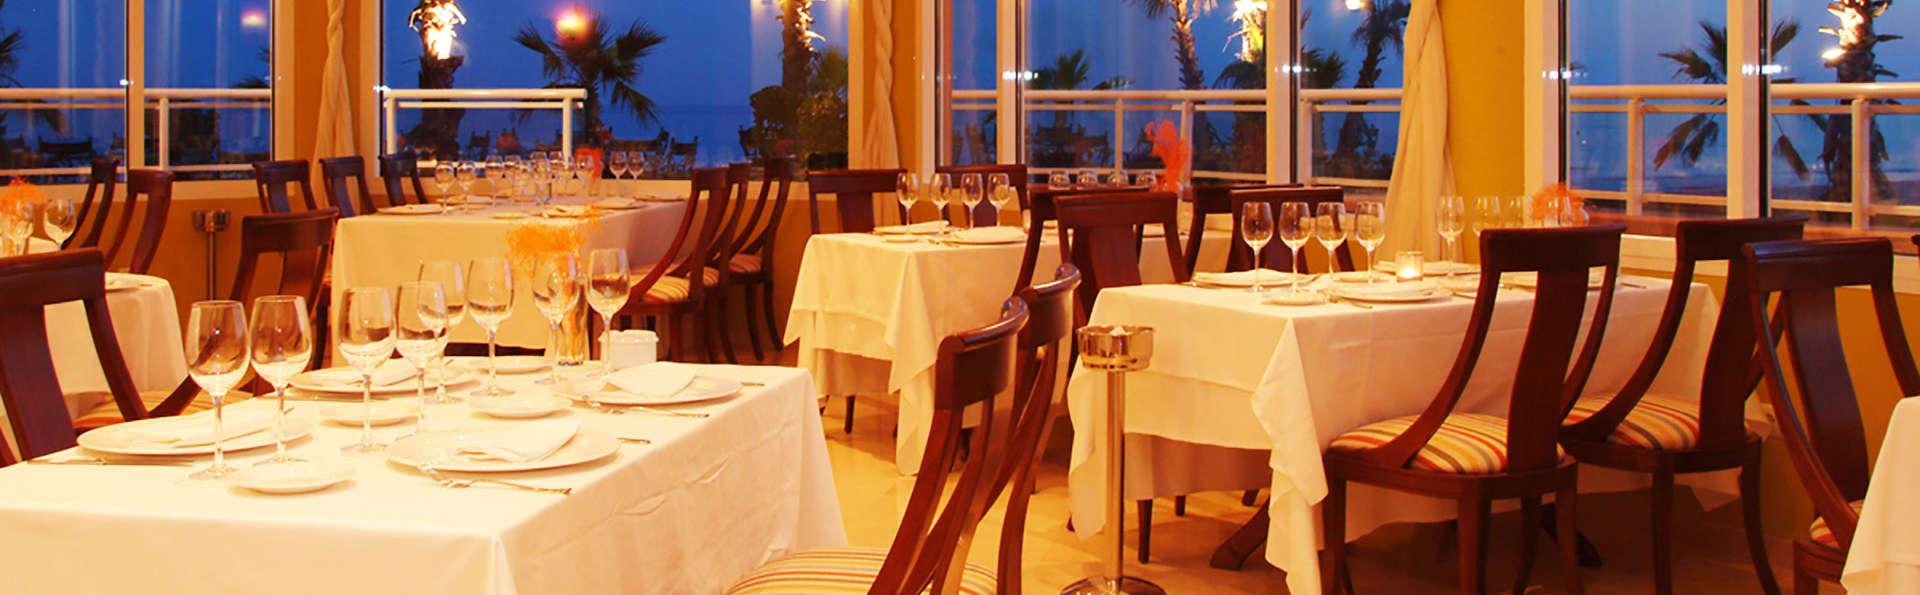 Bienestar y gastronomía en Sitges